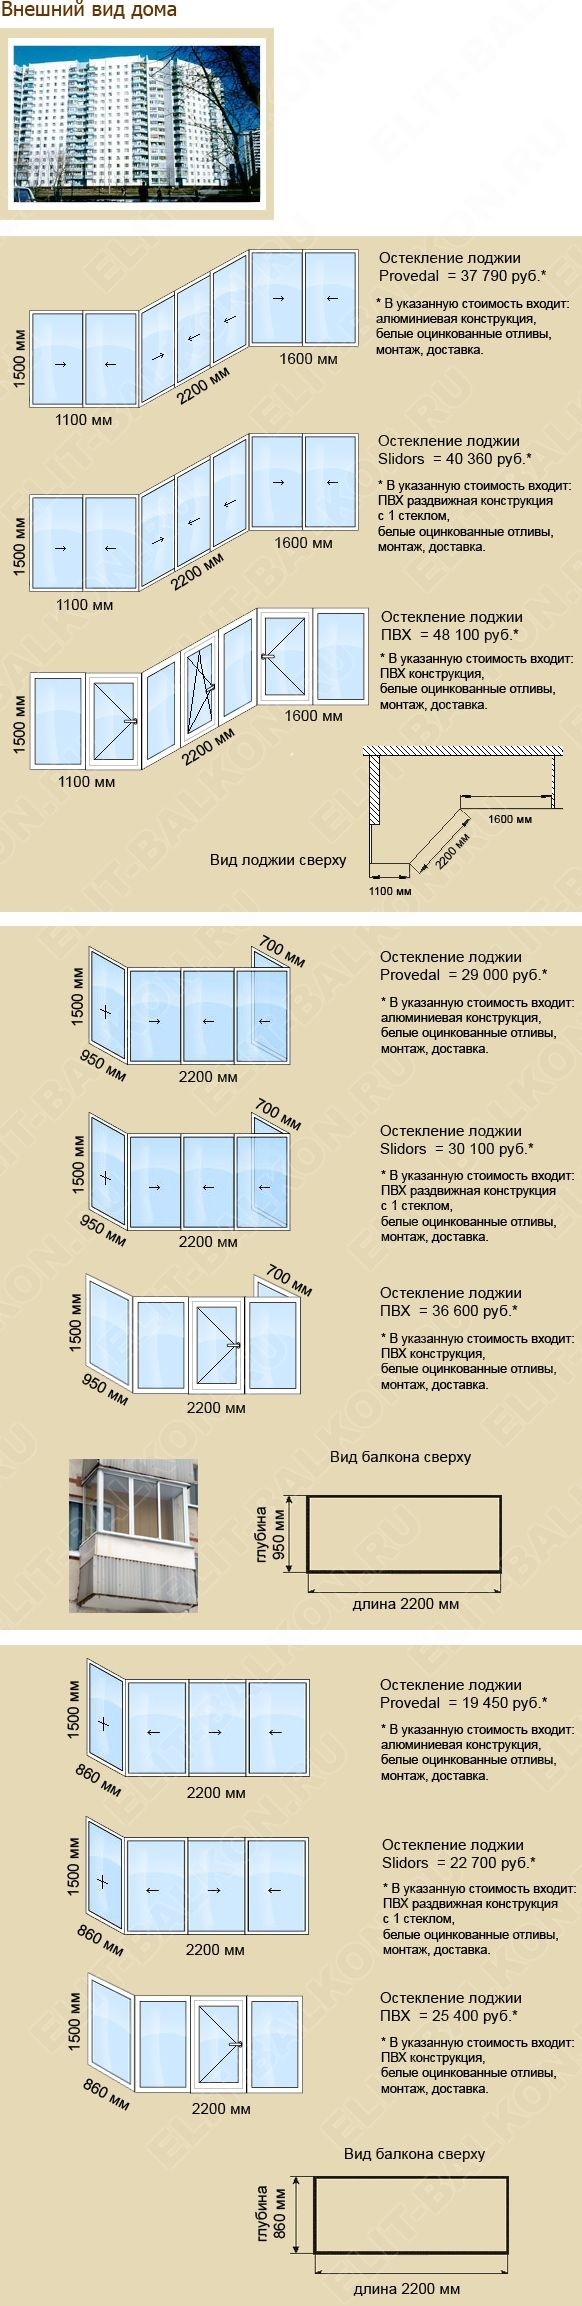 Стоимость остекления балконов. Тип дома П 3